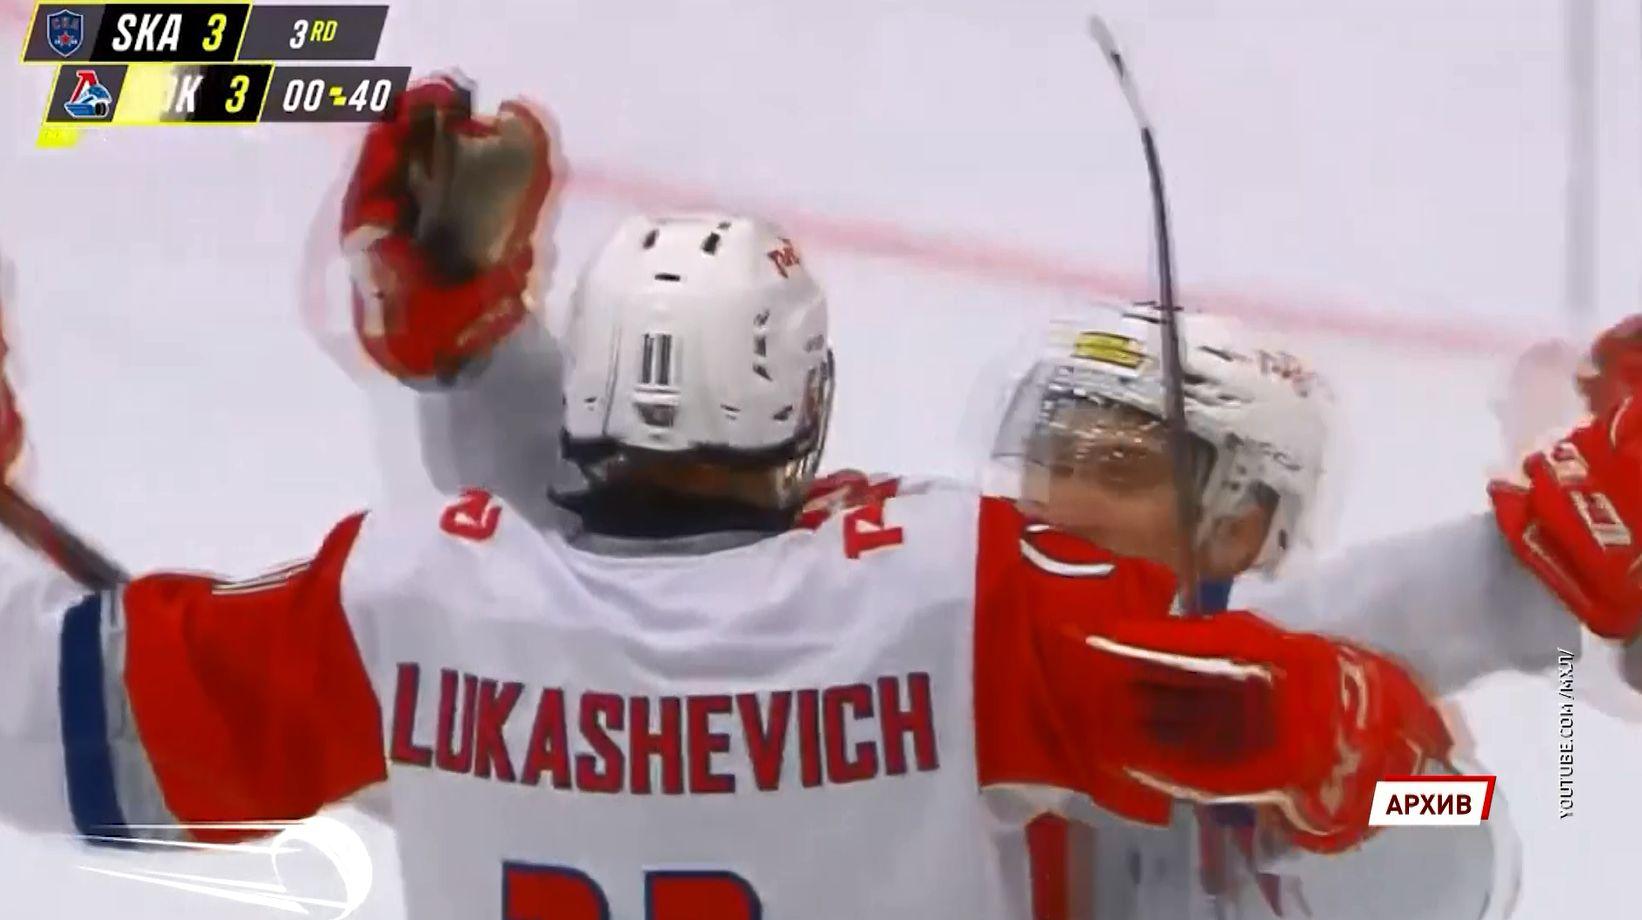 Владислав Лукашевич стал единственным представителем системы «Локомотива» на драфте НХЛ